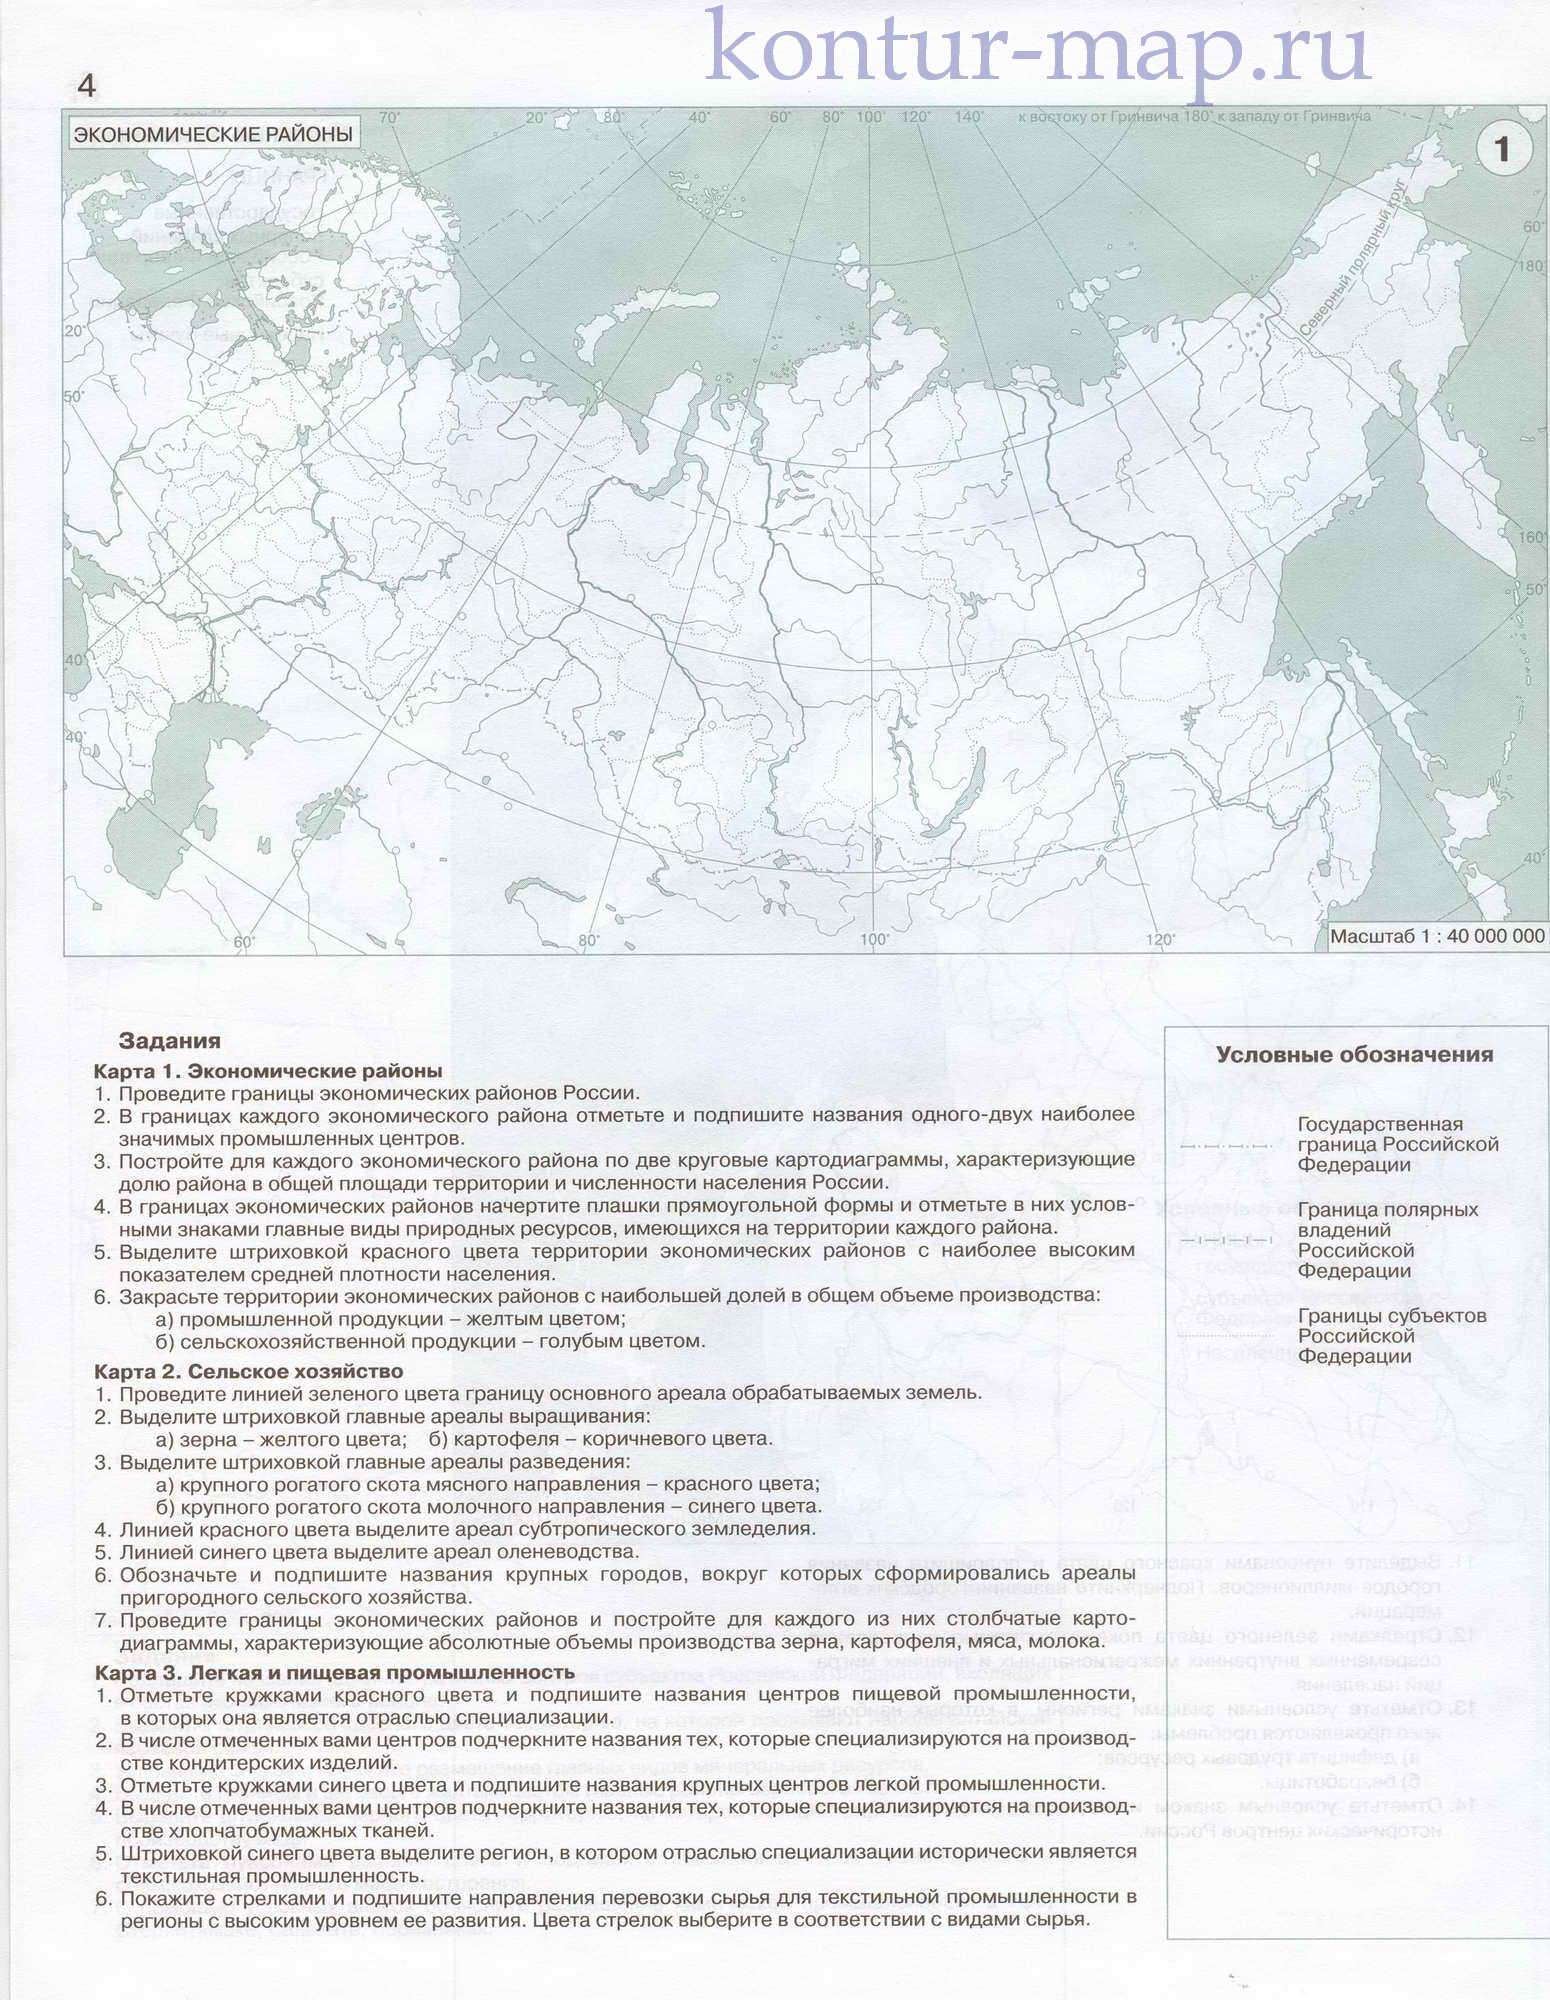 Контурная карта РФ: экономические районы, сельское хозяйство, легкая и пищевая промышленность.